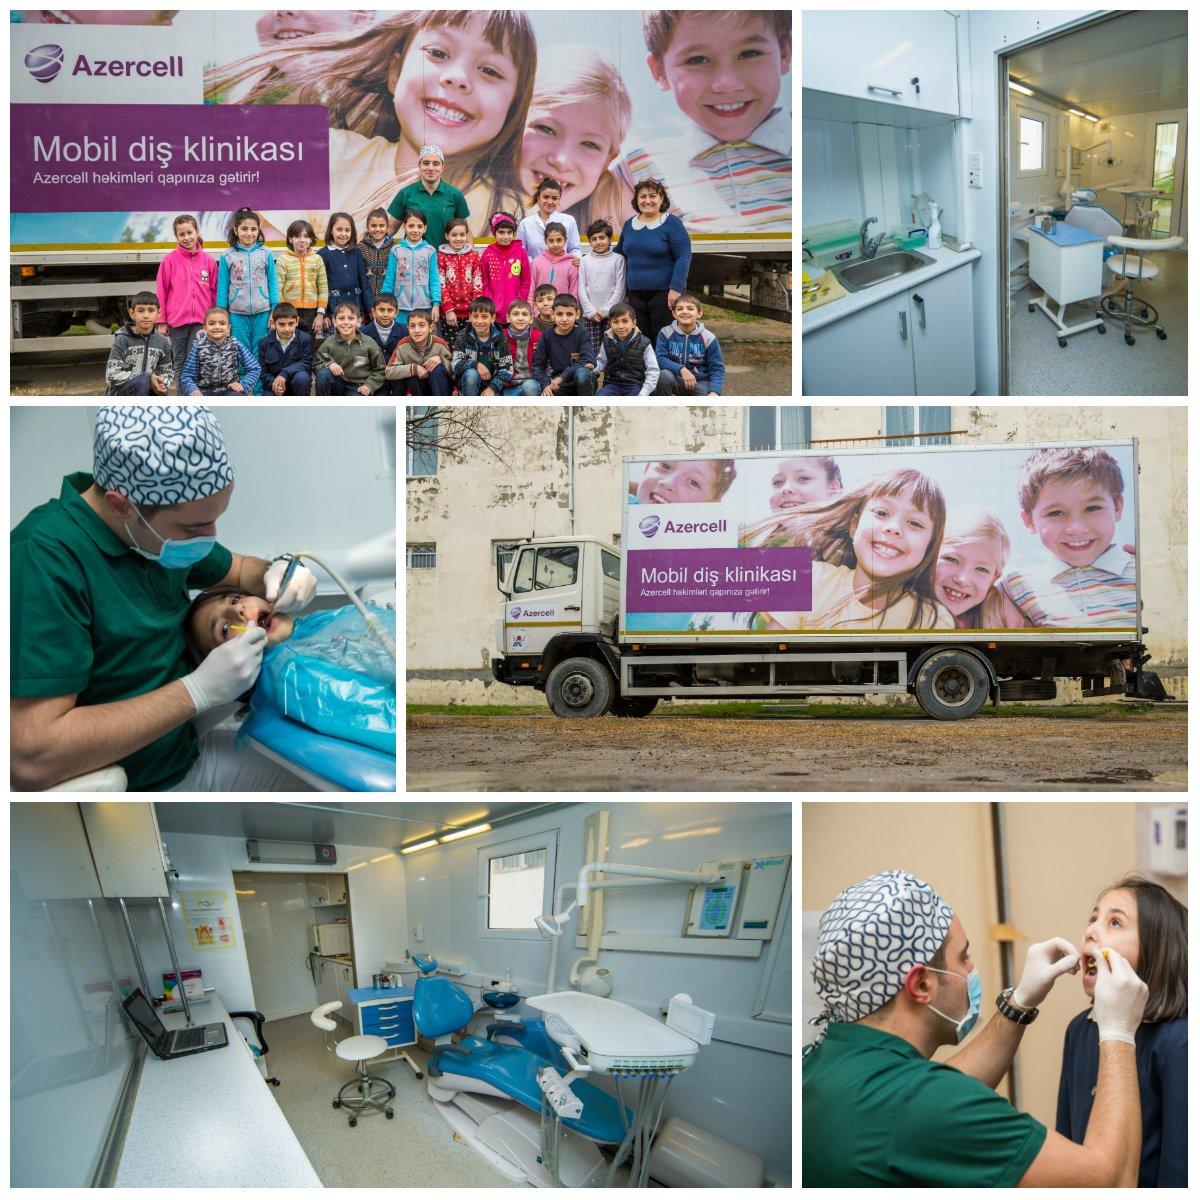 Azercell-in Mobil Diş Klinikası pulsuz xidməti davam etdirir